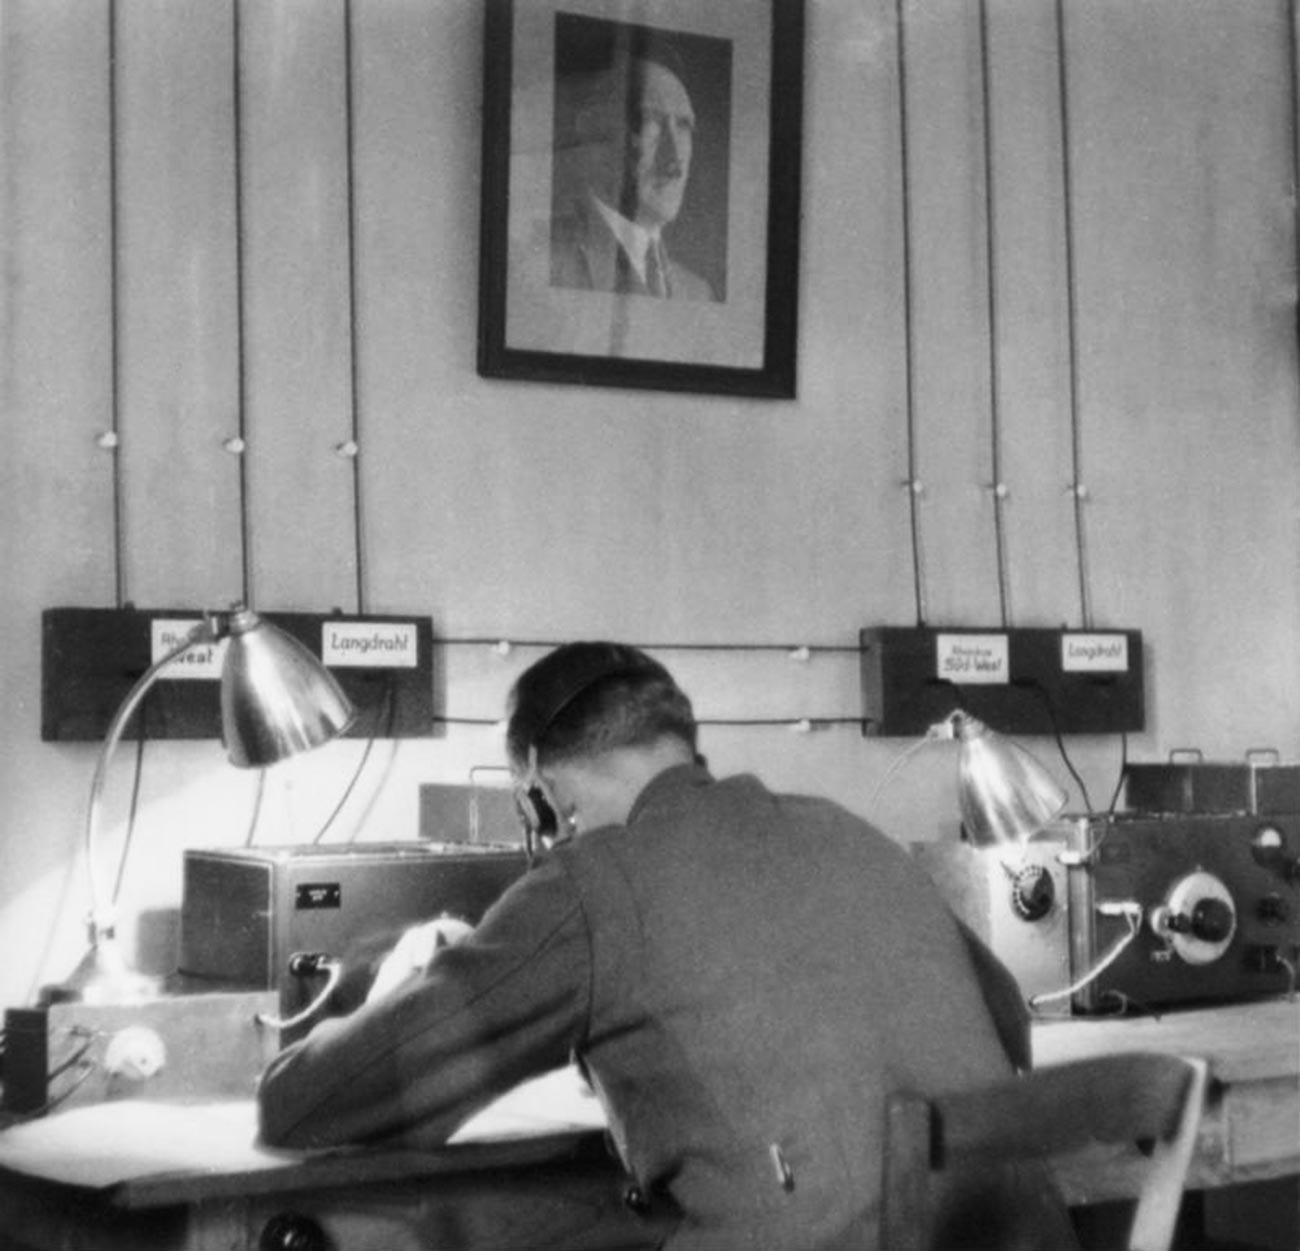 Pripadnik tajne službe z radijsko napravo v tujini